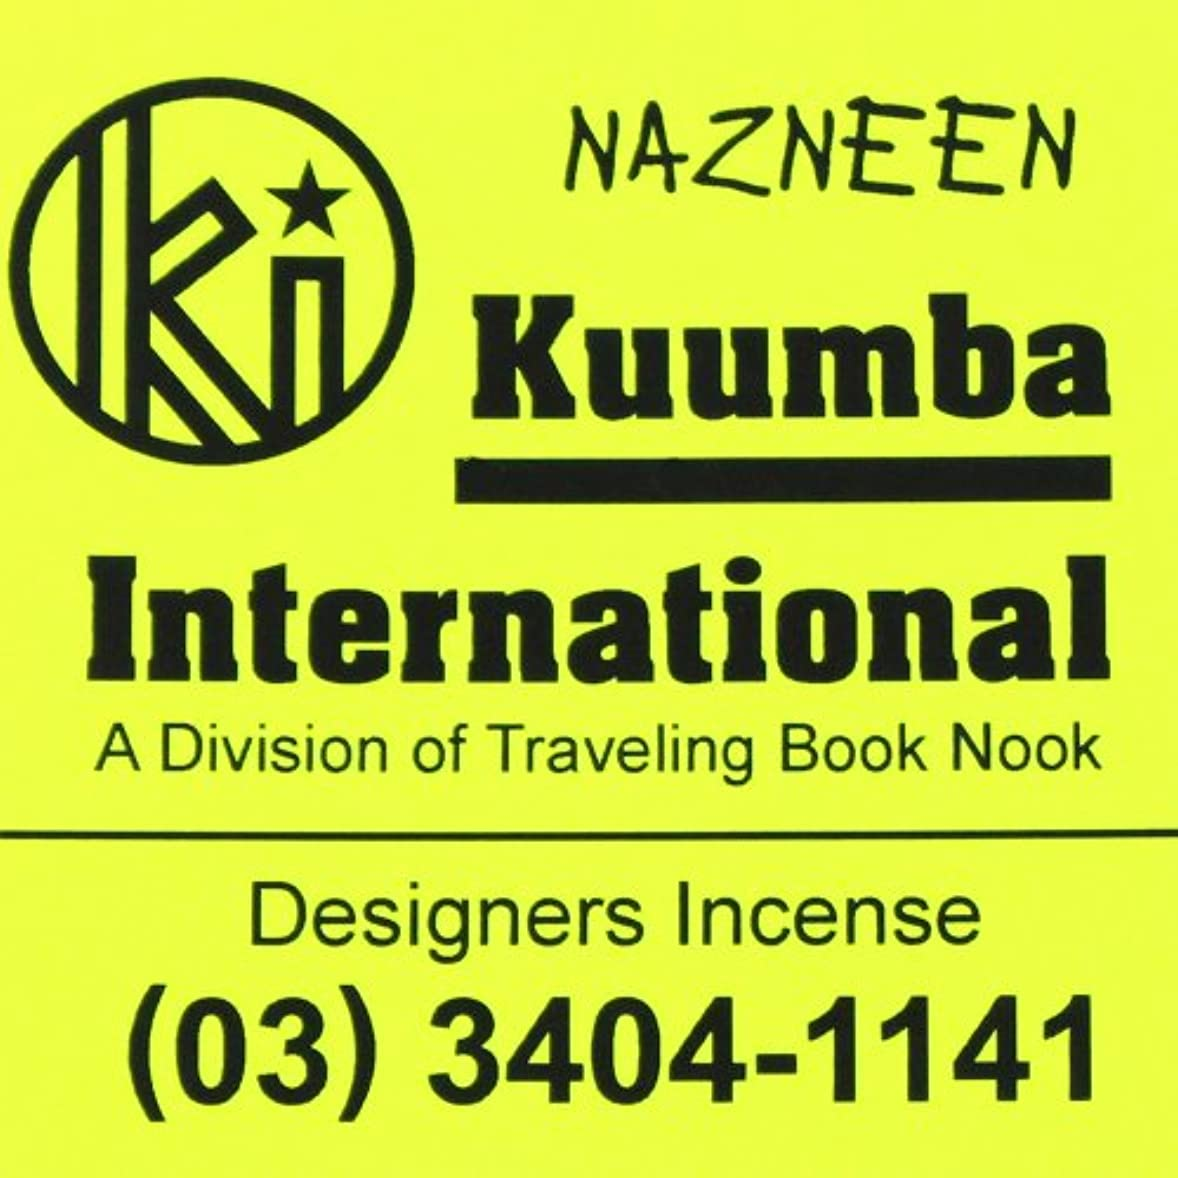 男らしさノミネート肺(クンバ) KUUMBA『classic regular incense』(NAZNEEN) (Regular size)